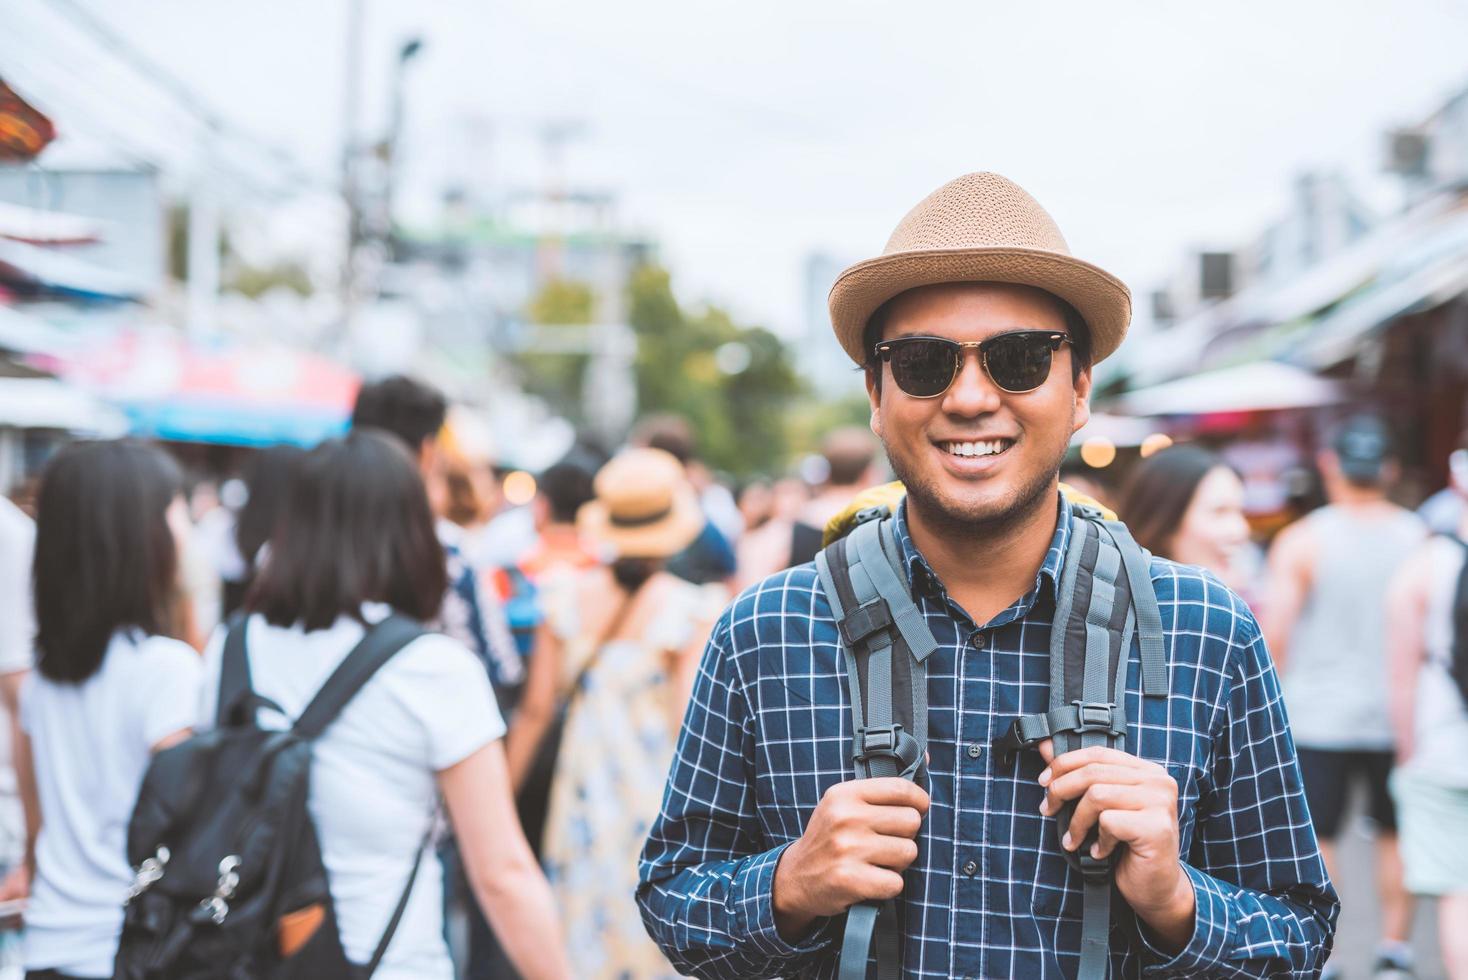 Mann geht in überfüllten Marktplatz foto